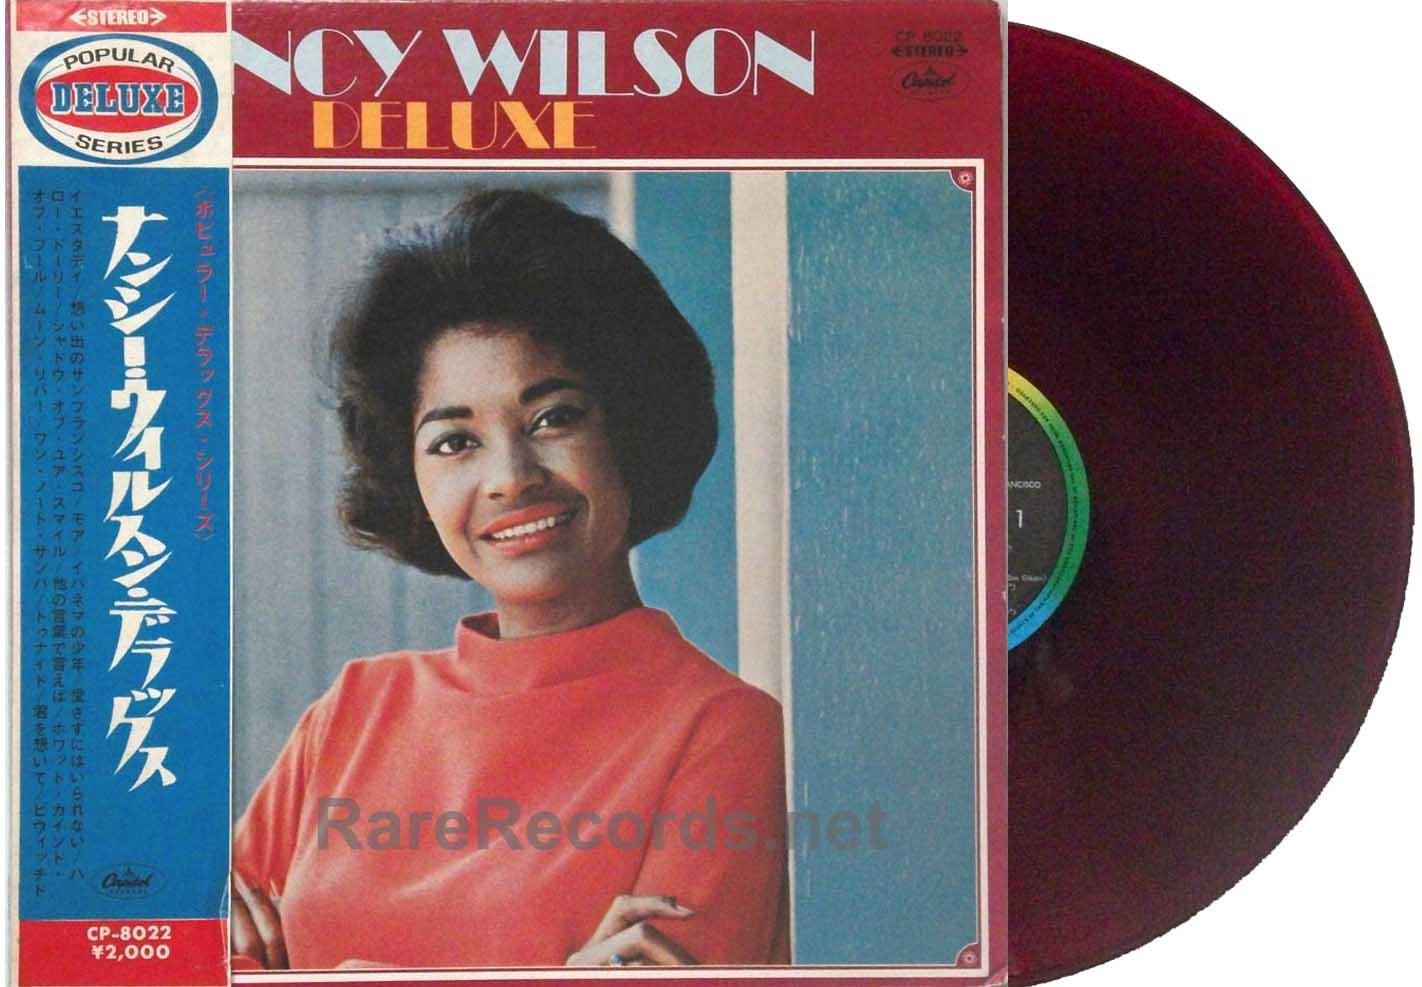 Full Size of Vinylboden Obi Nancy Wilson Deluxe Japan Only Red Vinyl Lp With Rare Einbauküche Nobilia Wohnzimmer Regale Küche Bad Fenster Immobilien Homburg Wohnzimmer Vinylboden Obi